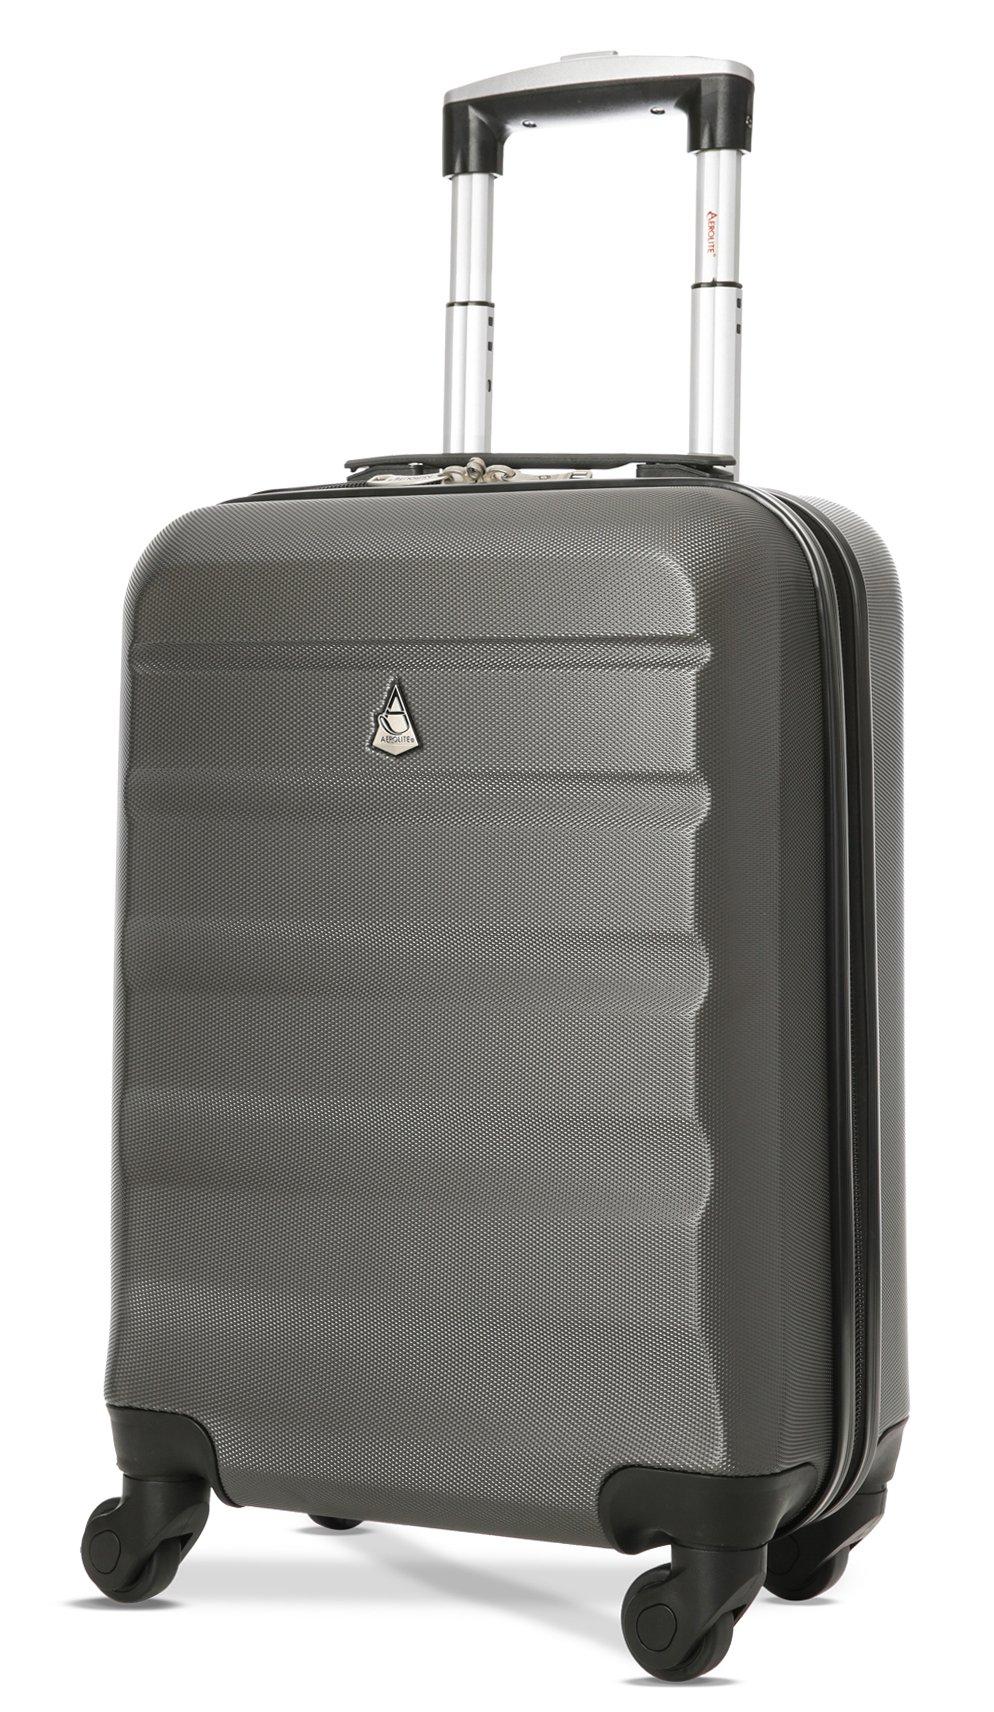 nouvelle arrivee 4dfde 761b5 Aerolite ABS Bagage Cabine Bagage à Main Valise Rigide Légere à 4  roulettes, Approuvées pour Ryanair, Easyjet, Air France, Lufthansa, Jet2,  Monarch et ...